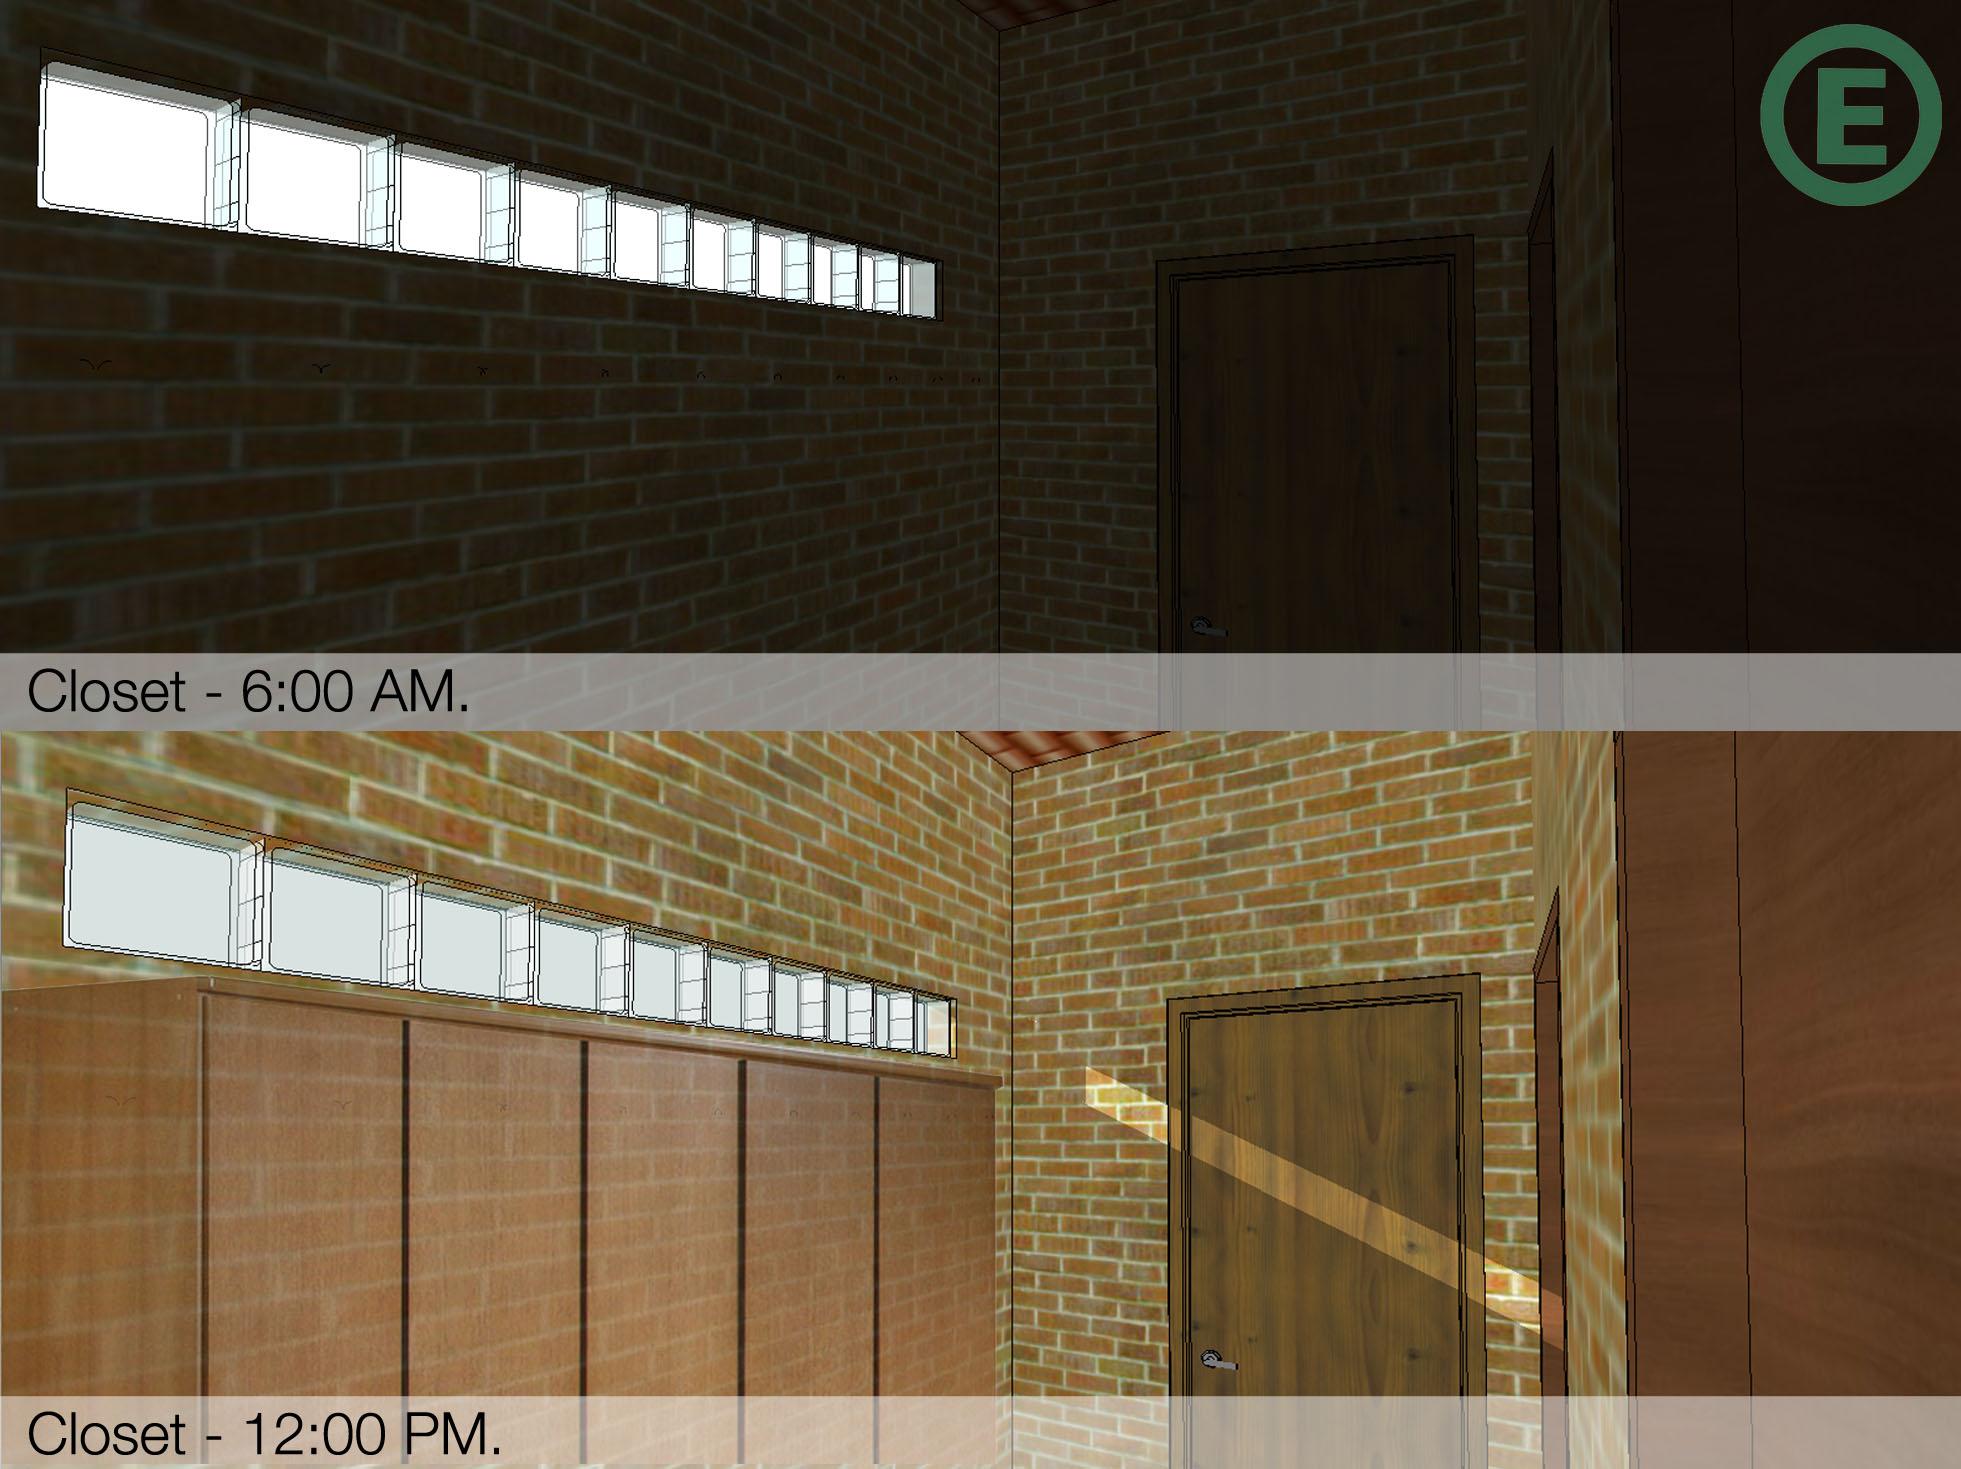 arquitetura-sustentavel-arquitetura-bioclimatica-bloco-de-vidro